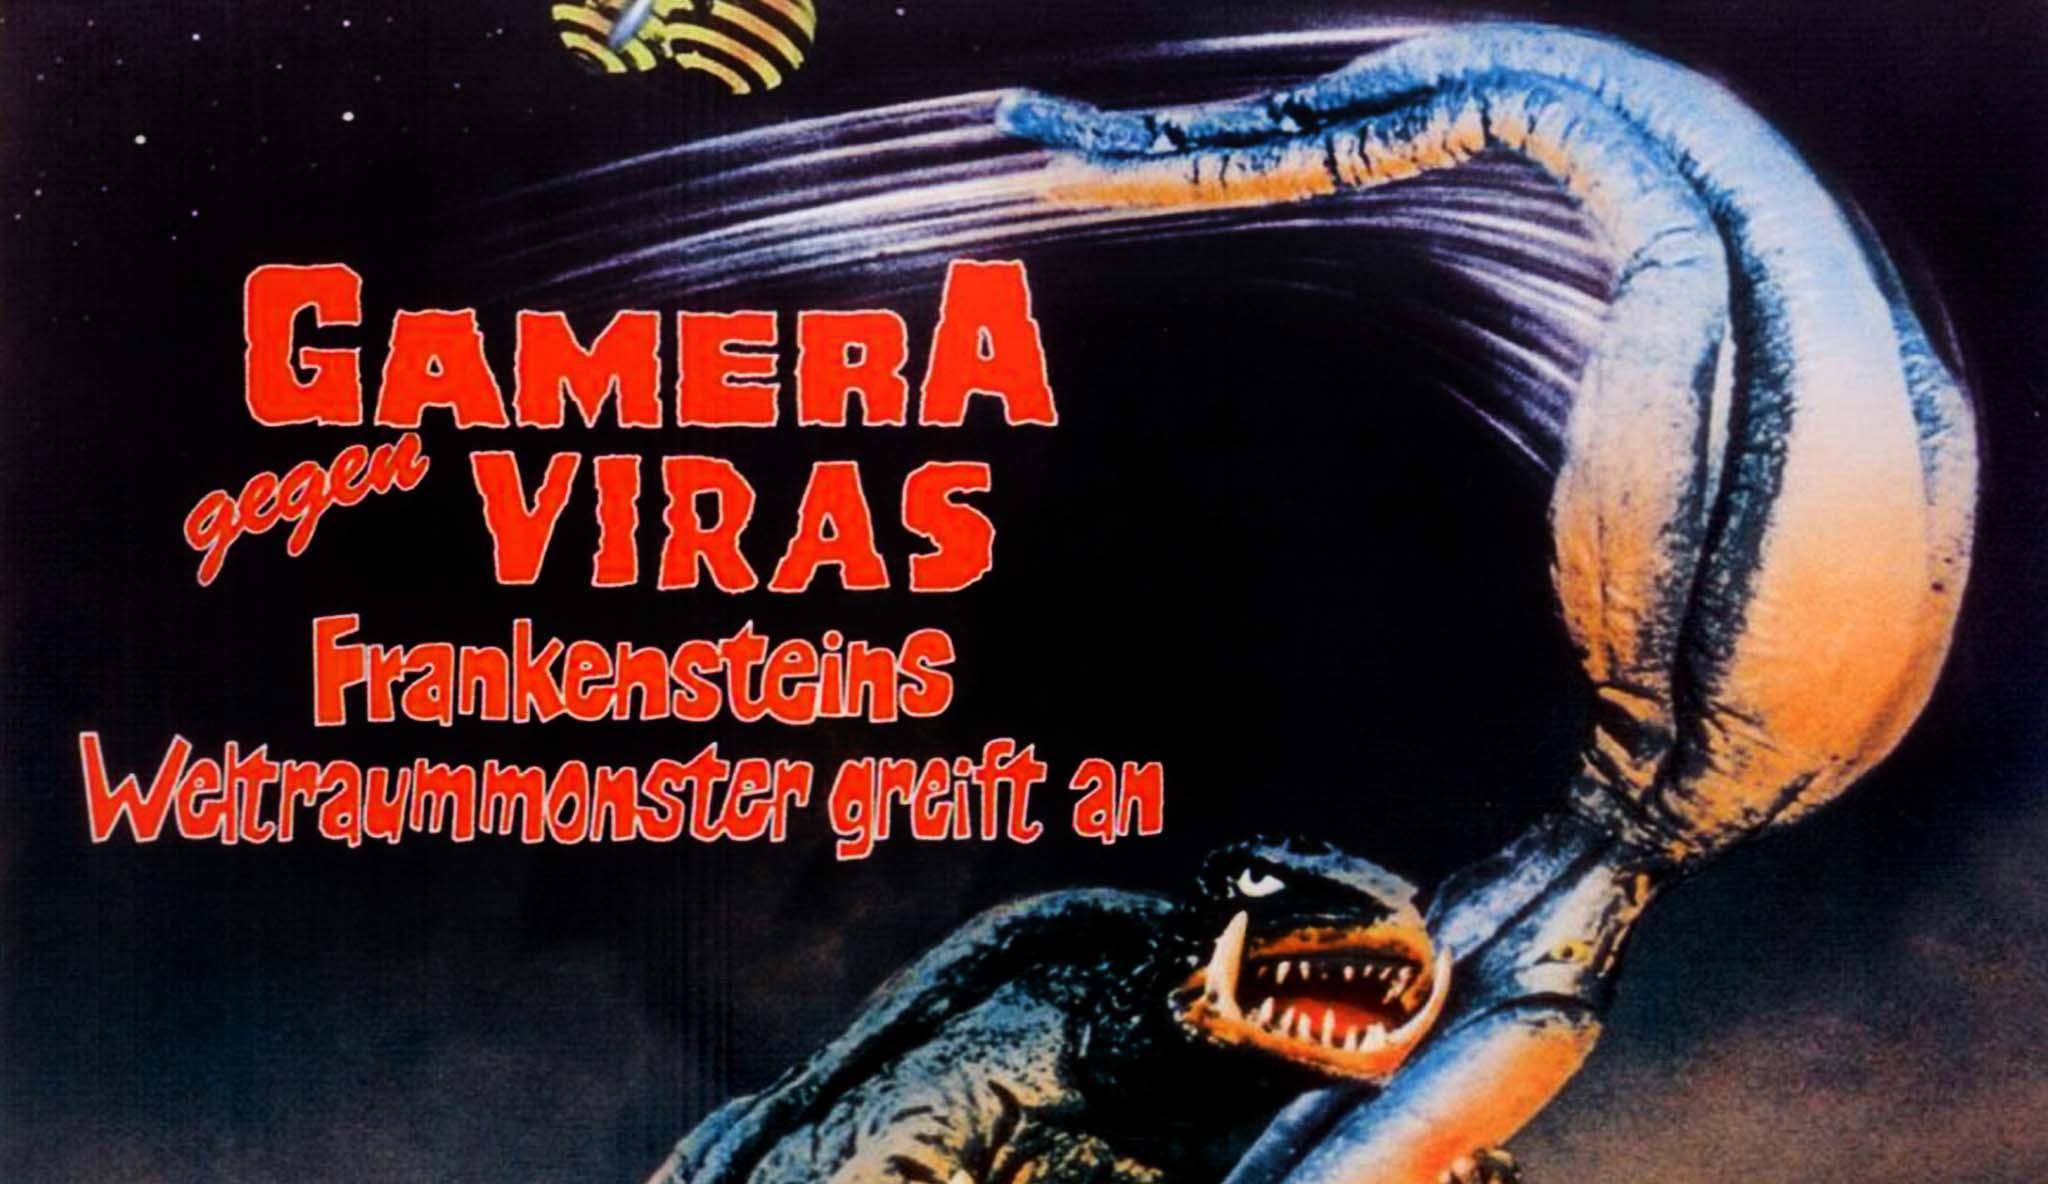 gamera-gegen-viras-frankensteins-weltraummonster-greift-an\header.jpg